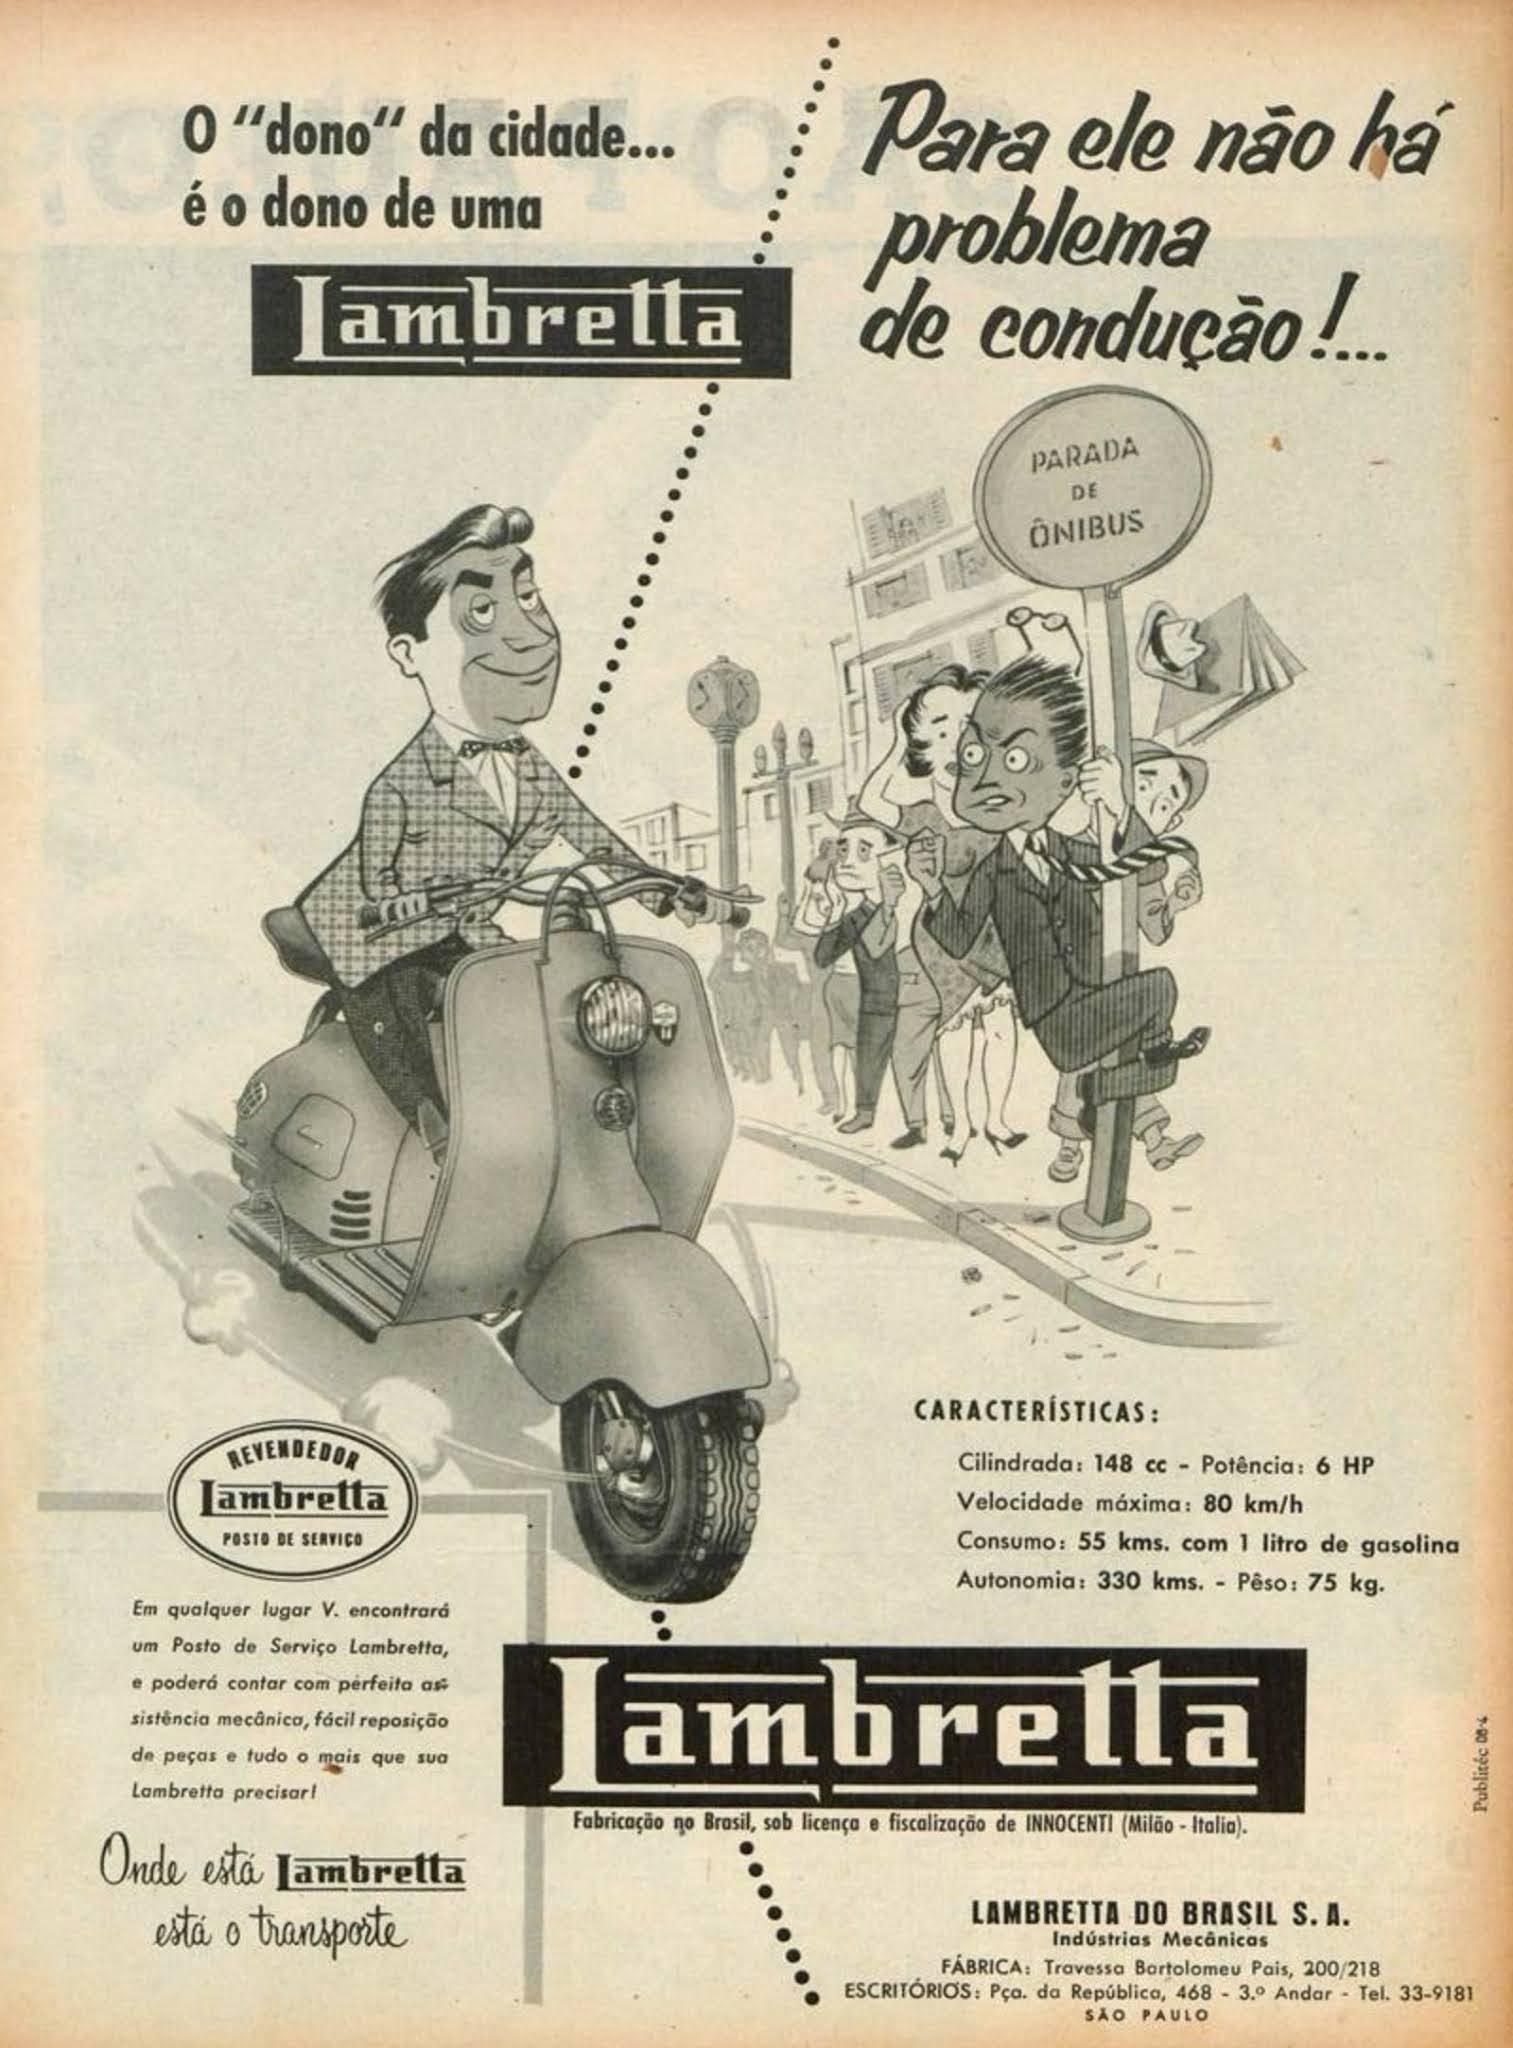 Anúncio promovendo a Lambretta em 1955 nas revistas brasileiras